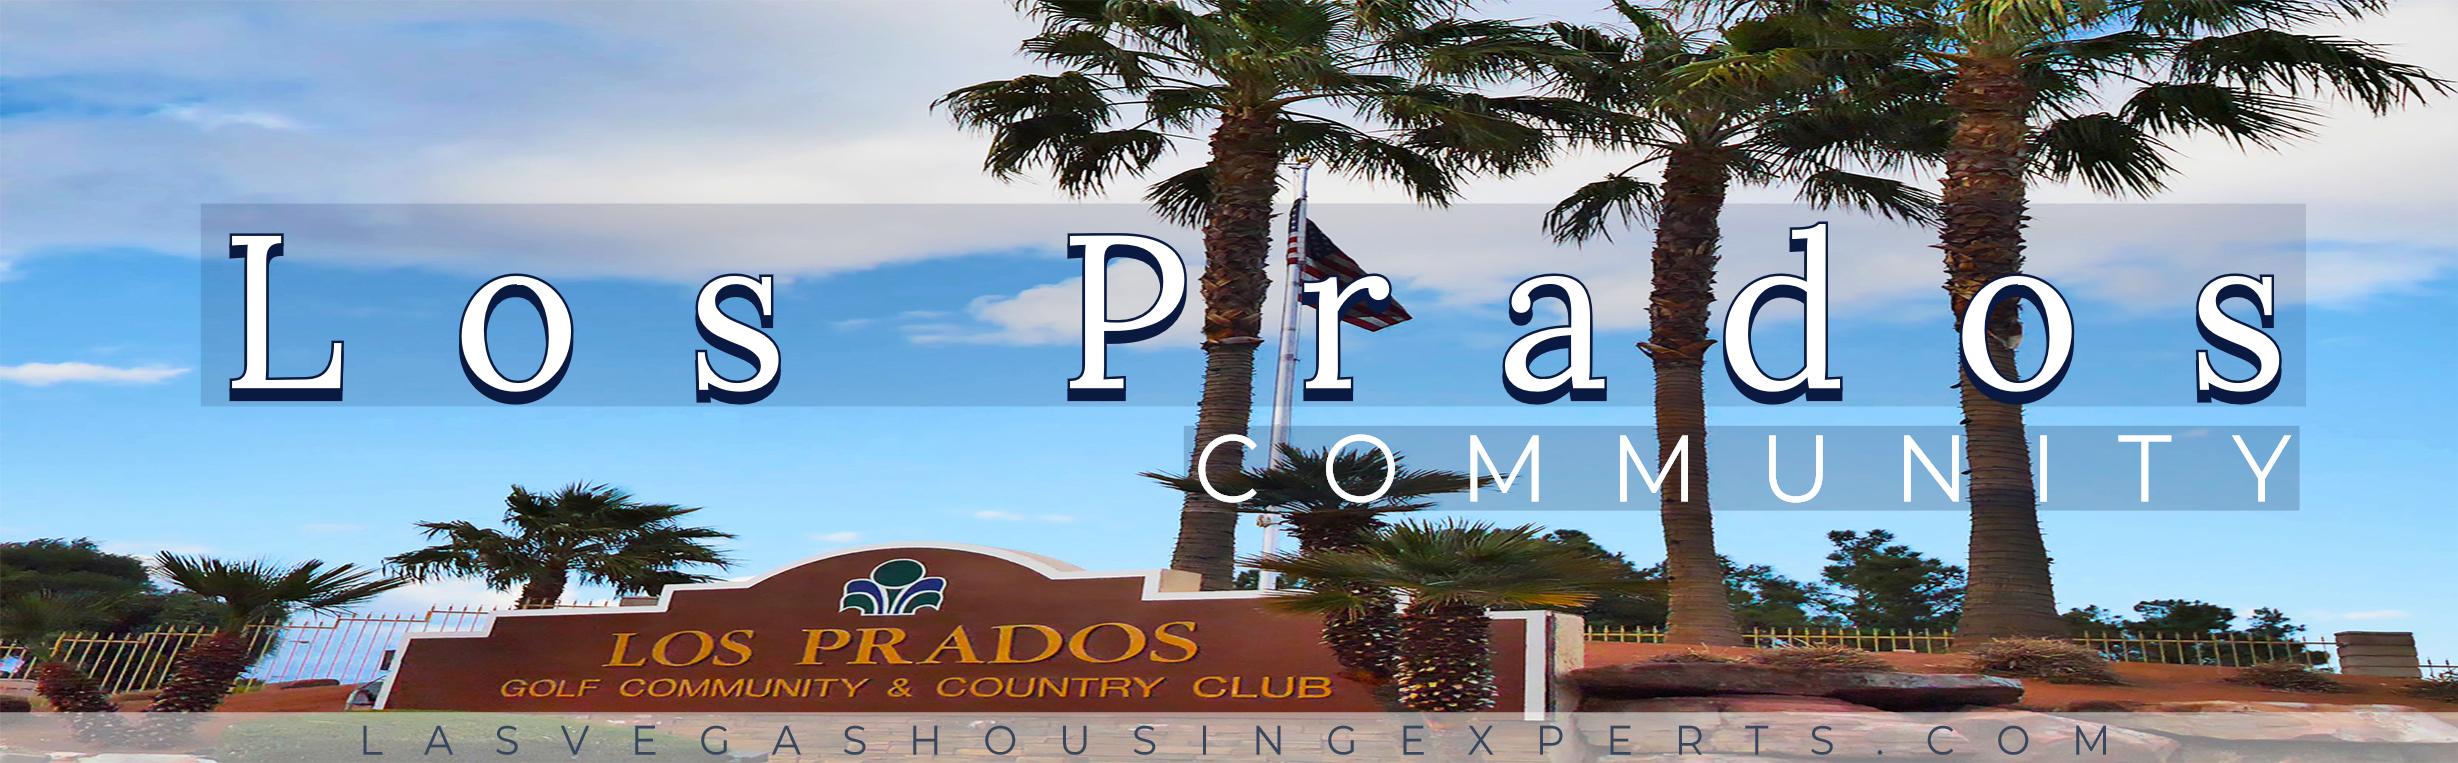 Los Prados Las Vegas Housing Experts real estate